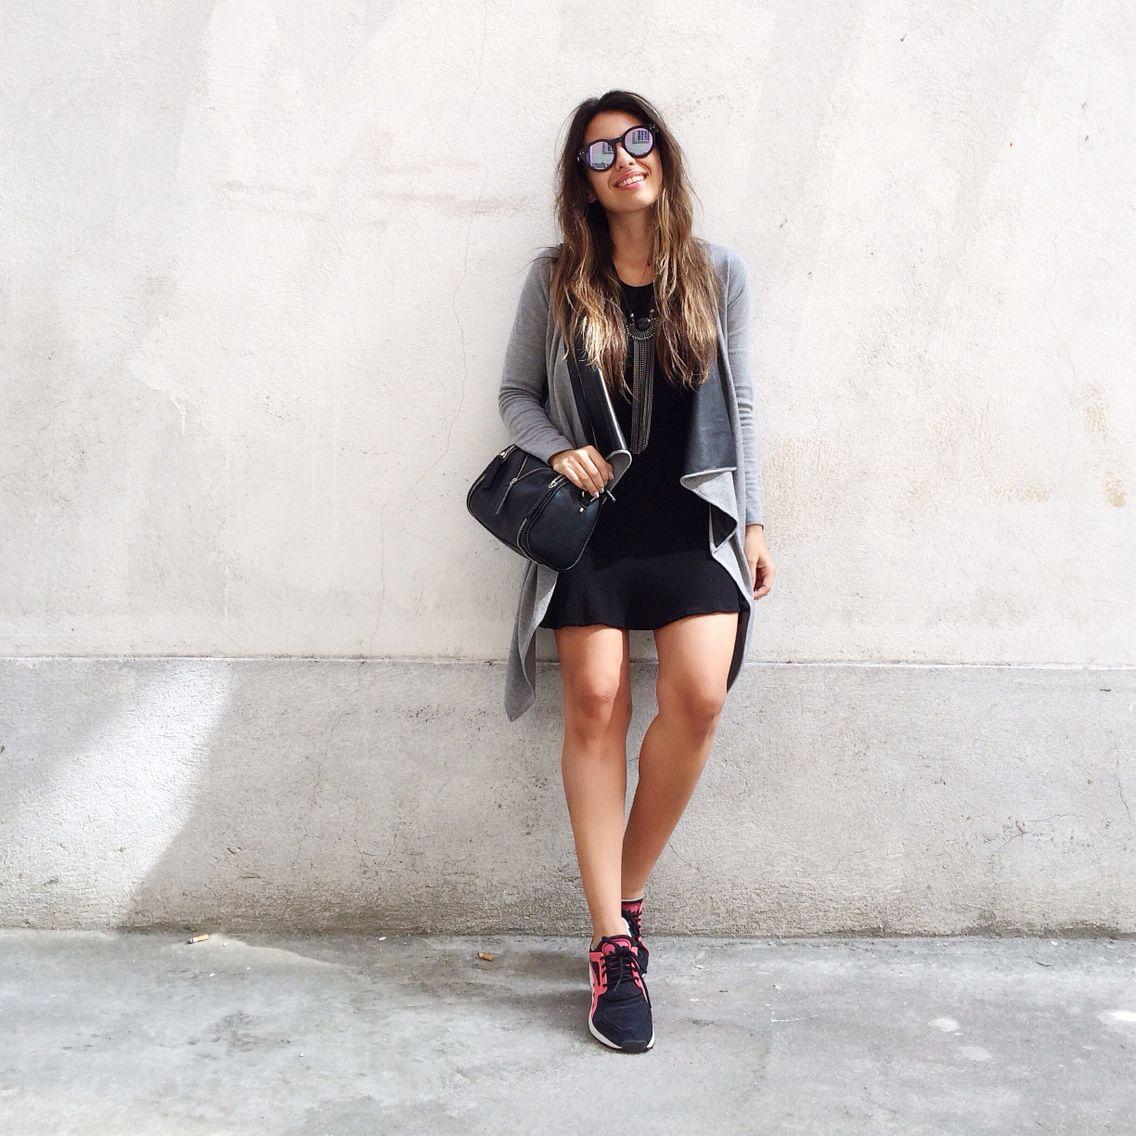 Resultado de imagem para vestido preto com tenis preto